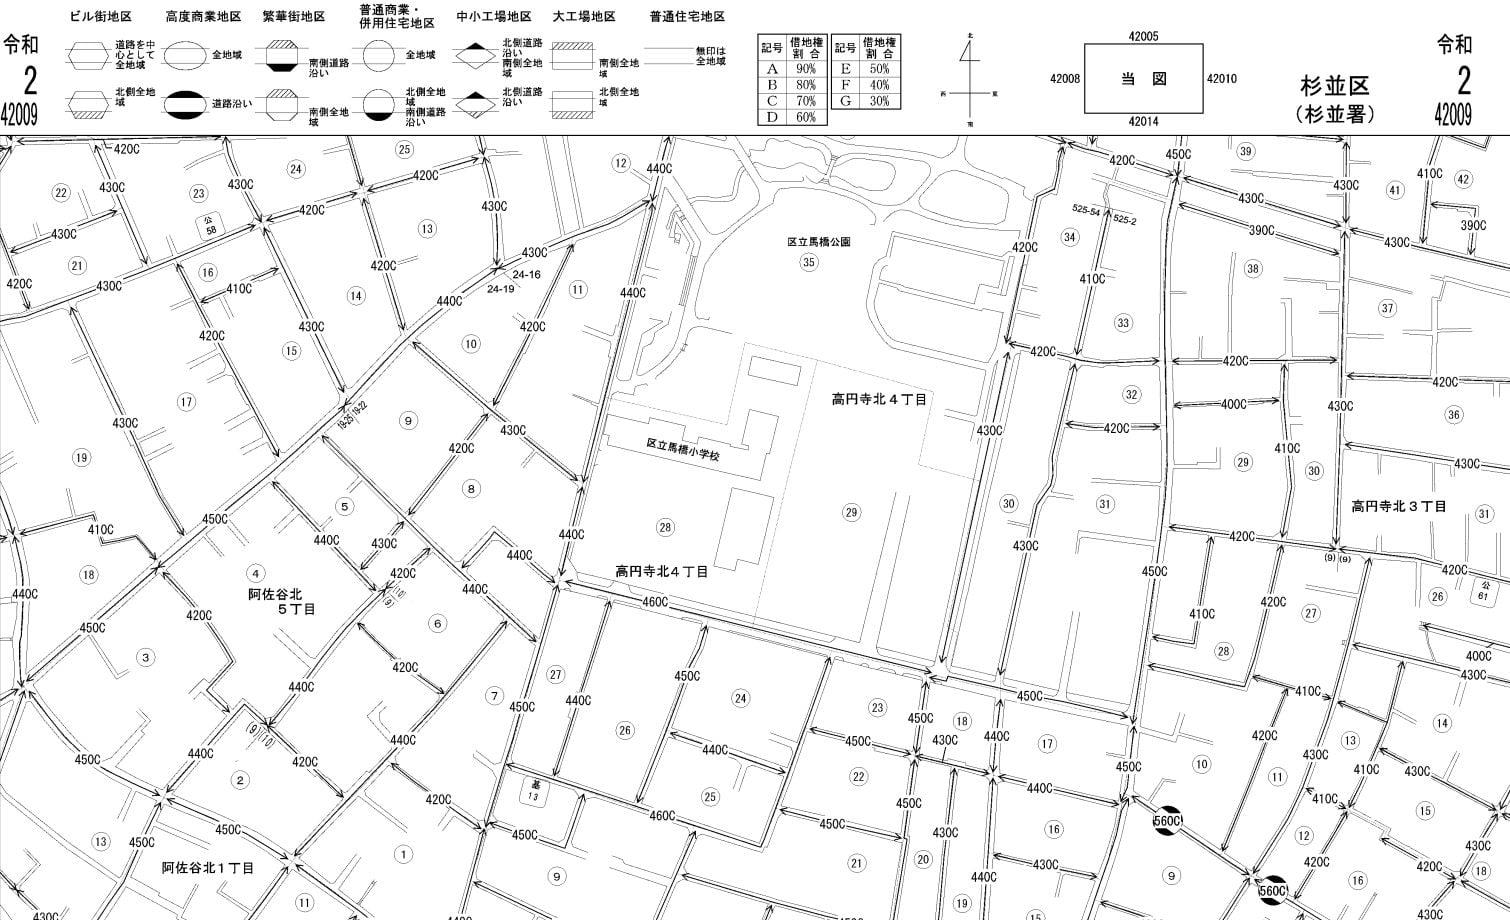 東京都杉並区の路線価図